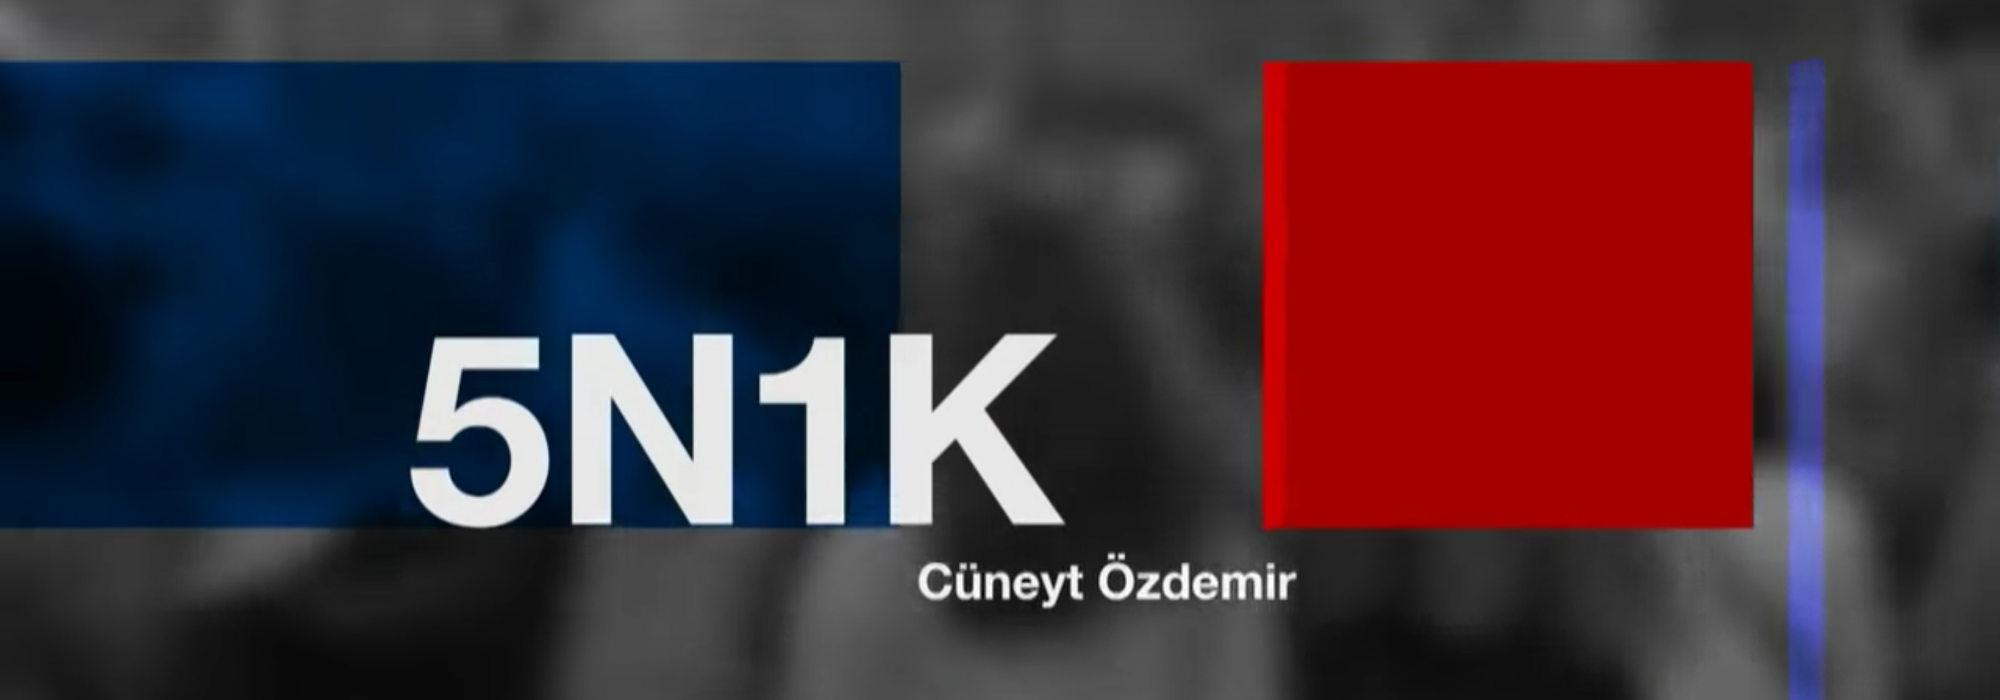 CNNTurk 5N1K | Türkiye'nin uzay macerası…